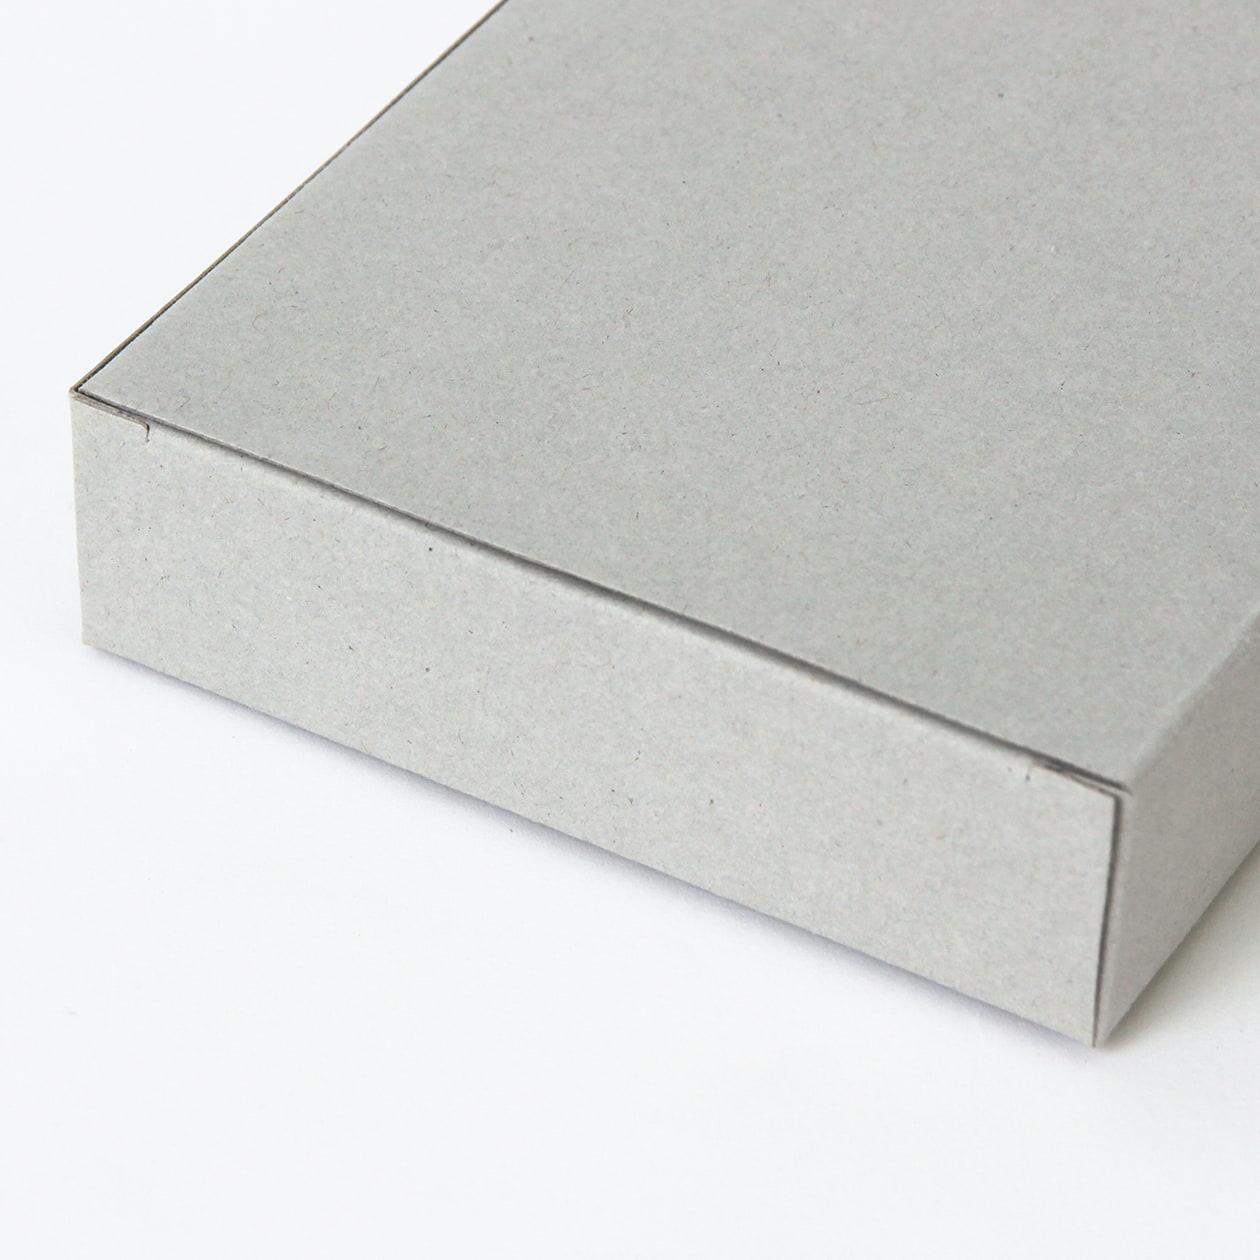 キャラメル箱90×25×140 ボード紙 グレー 270g